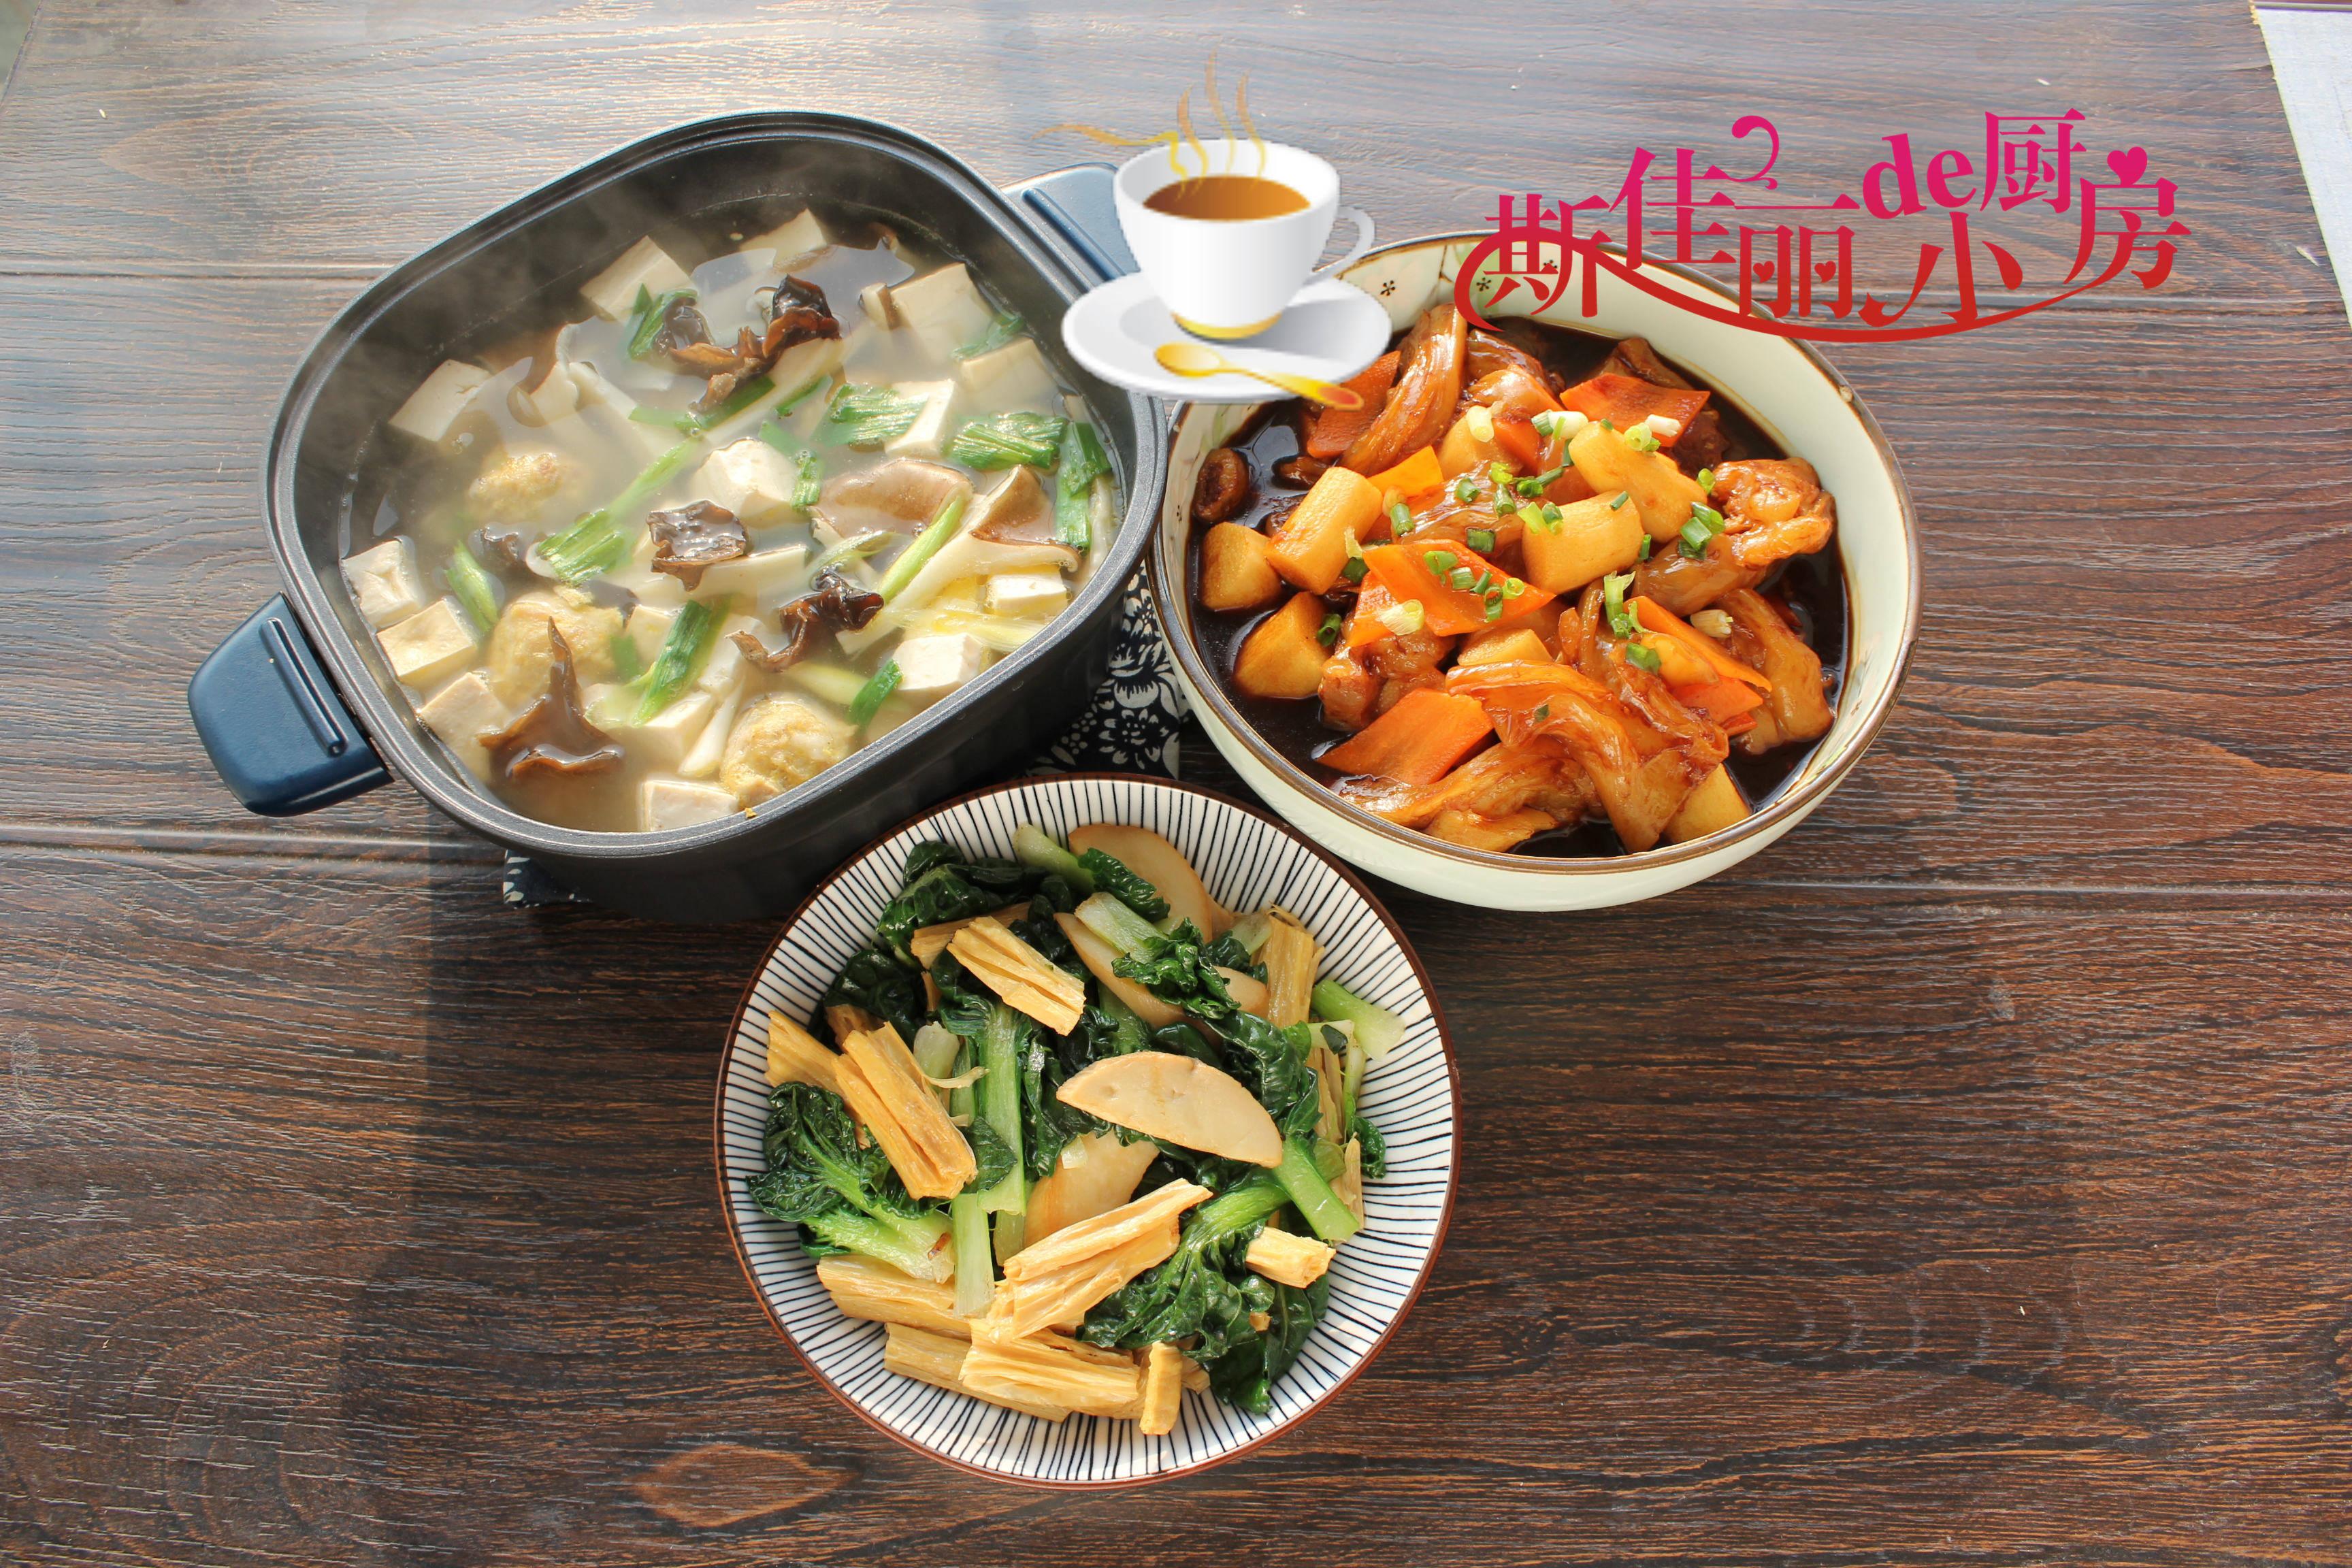 二线城市夫妻俩2菜1汤午餐,荤素搭配好吃好做,家人爱吃从不浪费